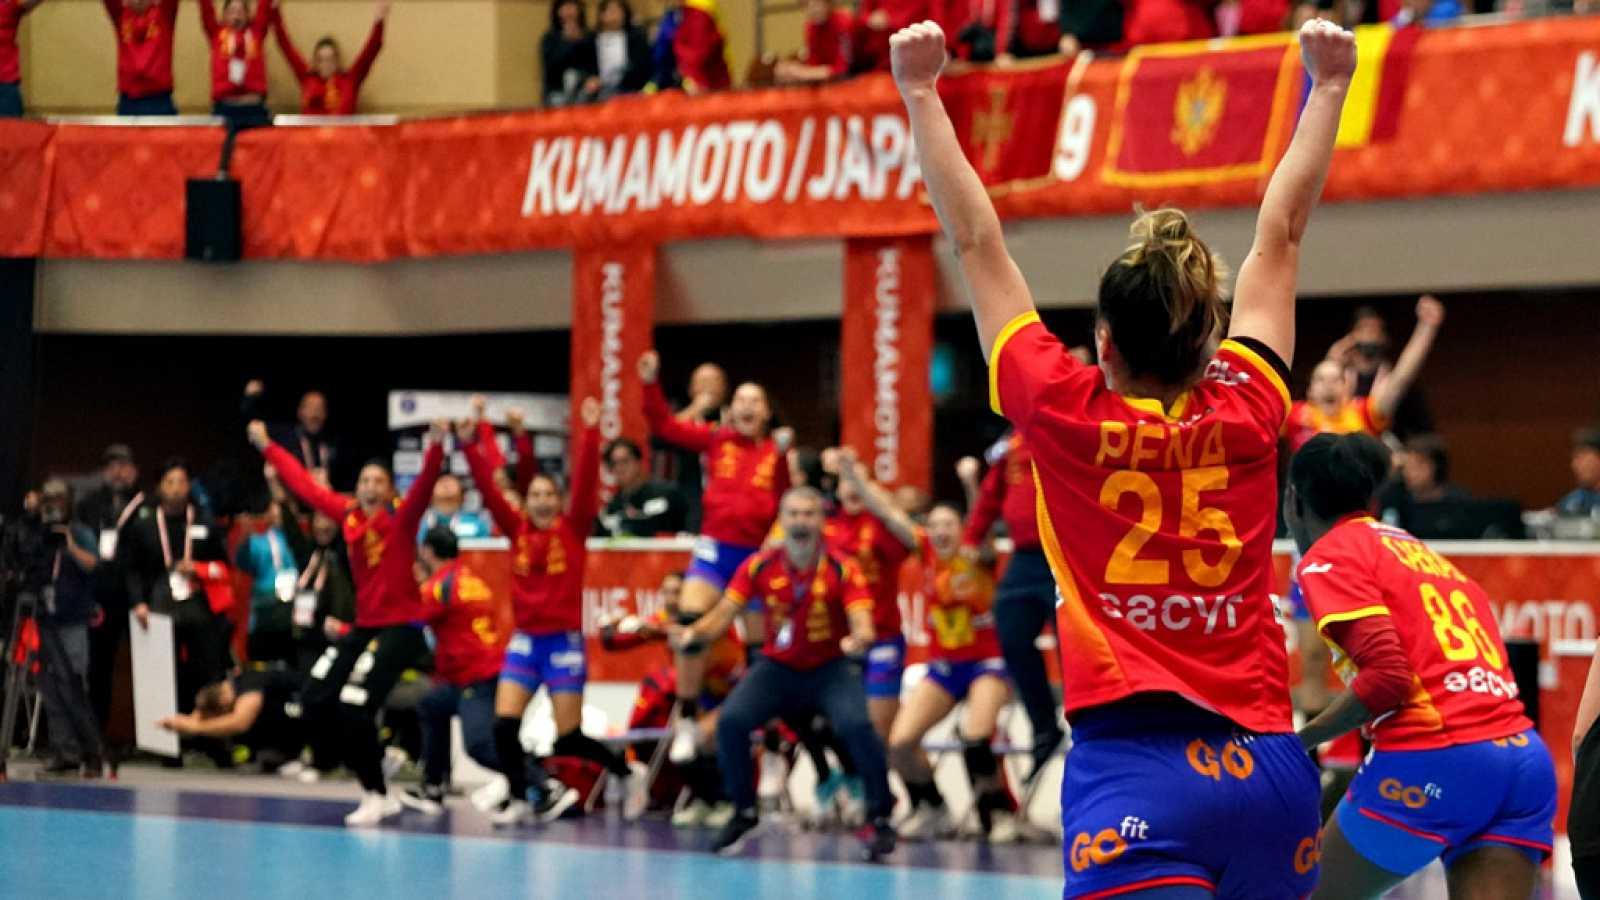 La selección femenina de balonmano afronta esperanzada su tercera semifinal de un Mundial en la que buscará meterse por primera vez en la final, pese a que los precedentes ante Noruega no sean muy positivos.